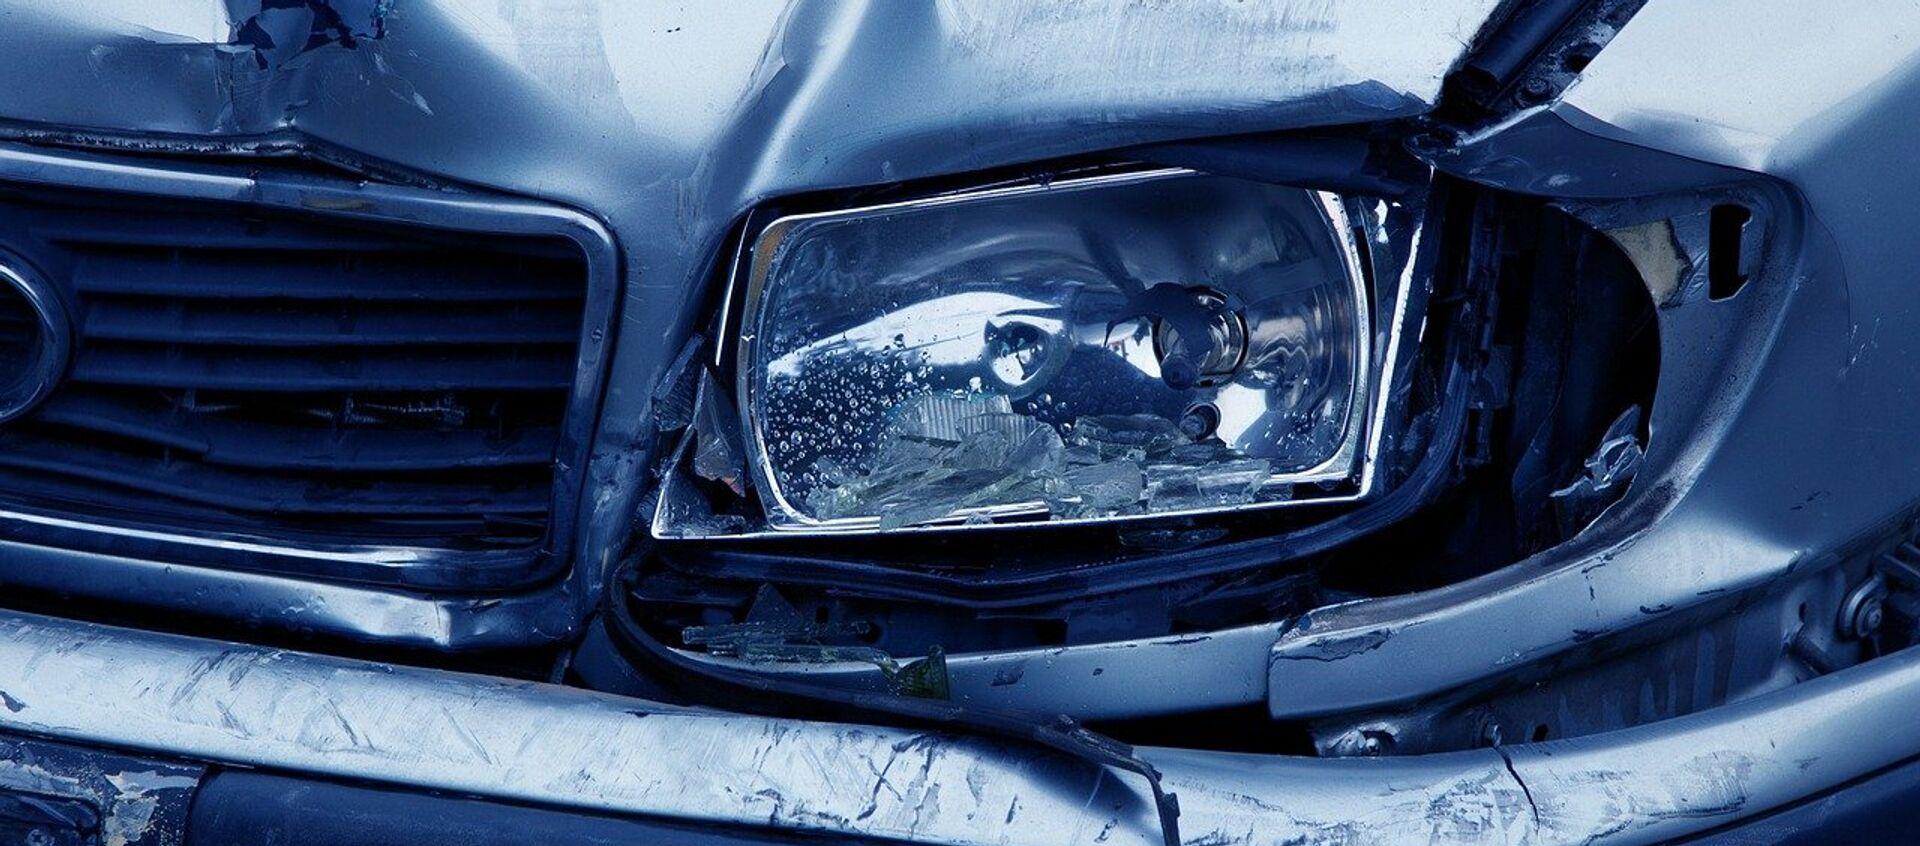 Un accidente de coche, referencial - Sputnik Mundo, 1920, 23.11.2018